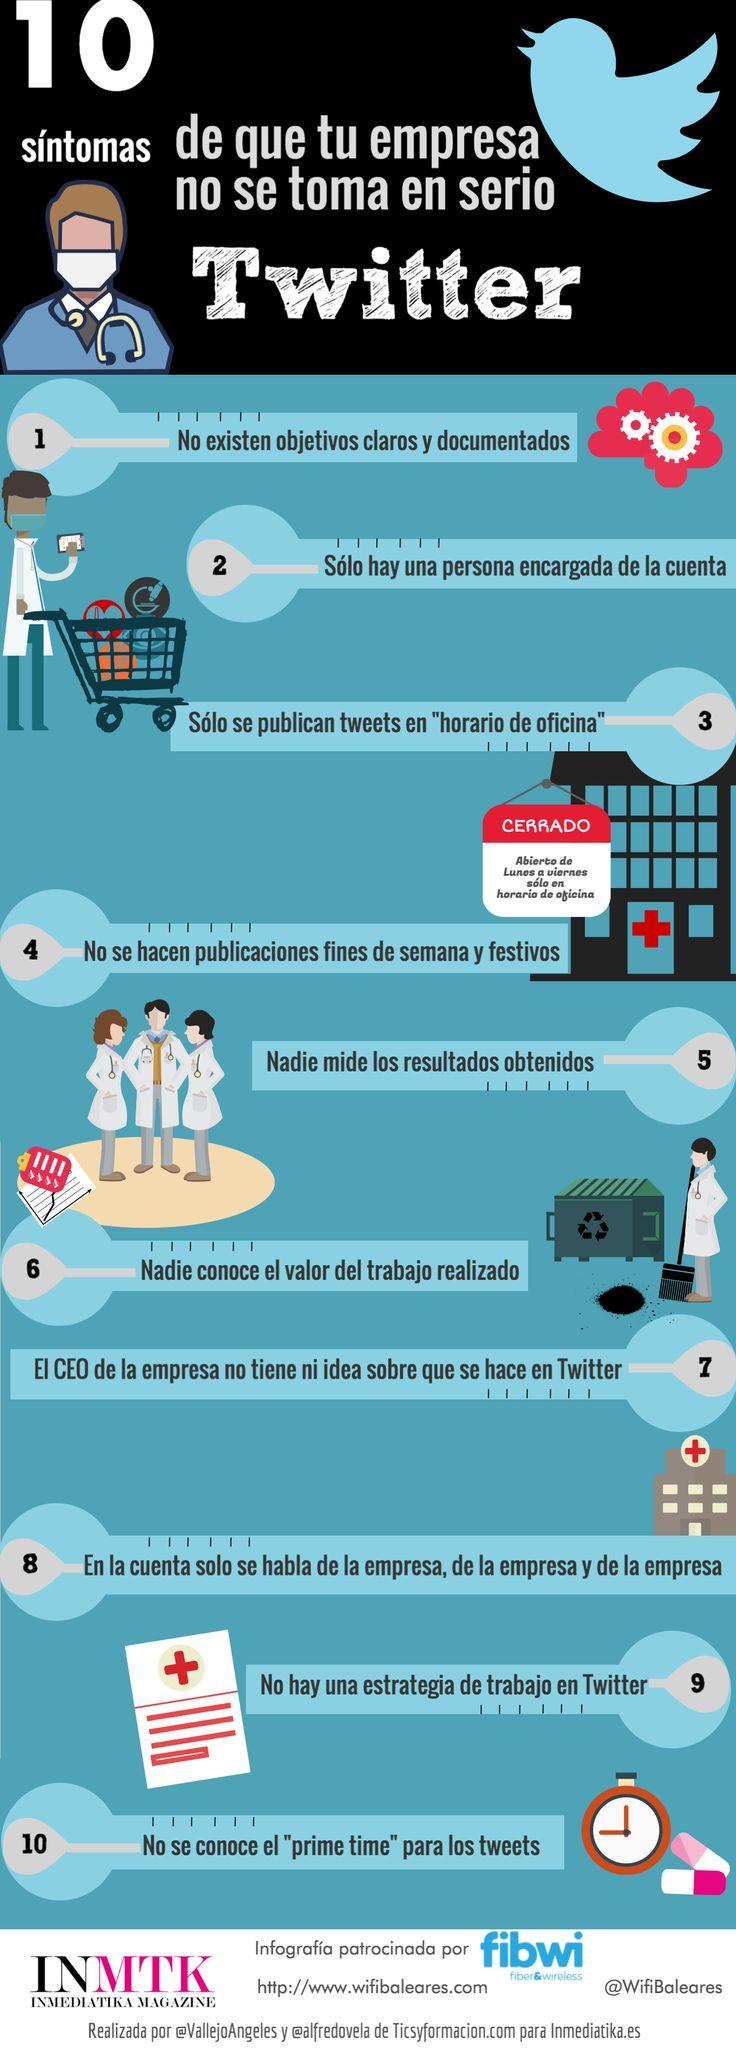 10 síntomas de que tu empresa no se toma en serio Twitter #infografia